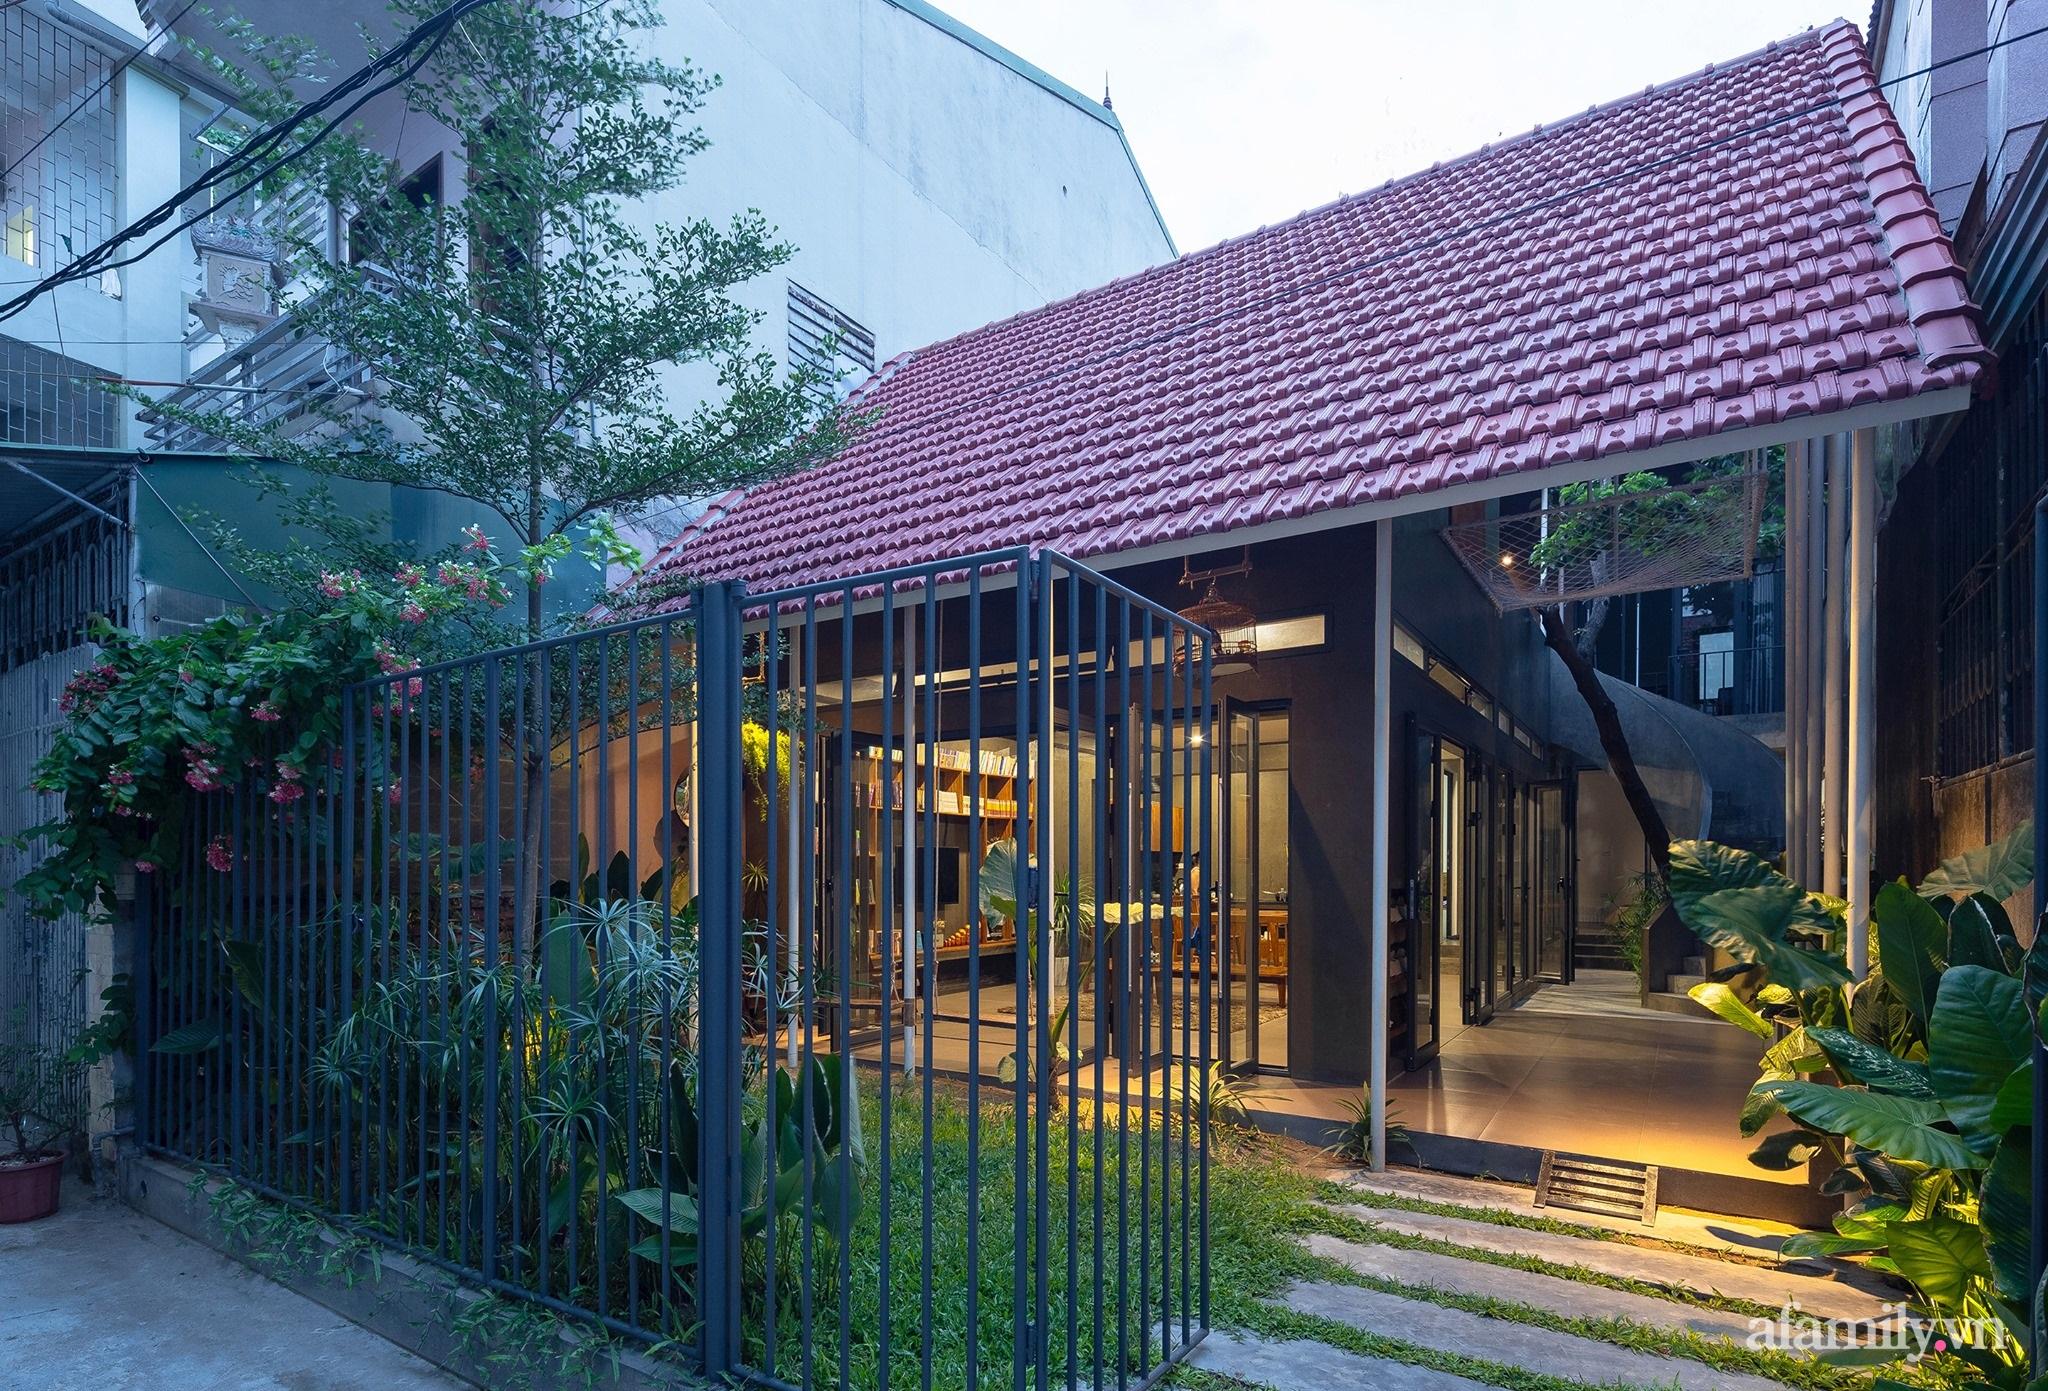 Ngôi nhà màu xanh mát mắt không cần dùng đến điều hòa tọa lạc ngay giữa thành phố của gió Lào và nắng cháy – Vinh - Ảnh 3.